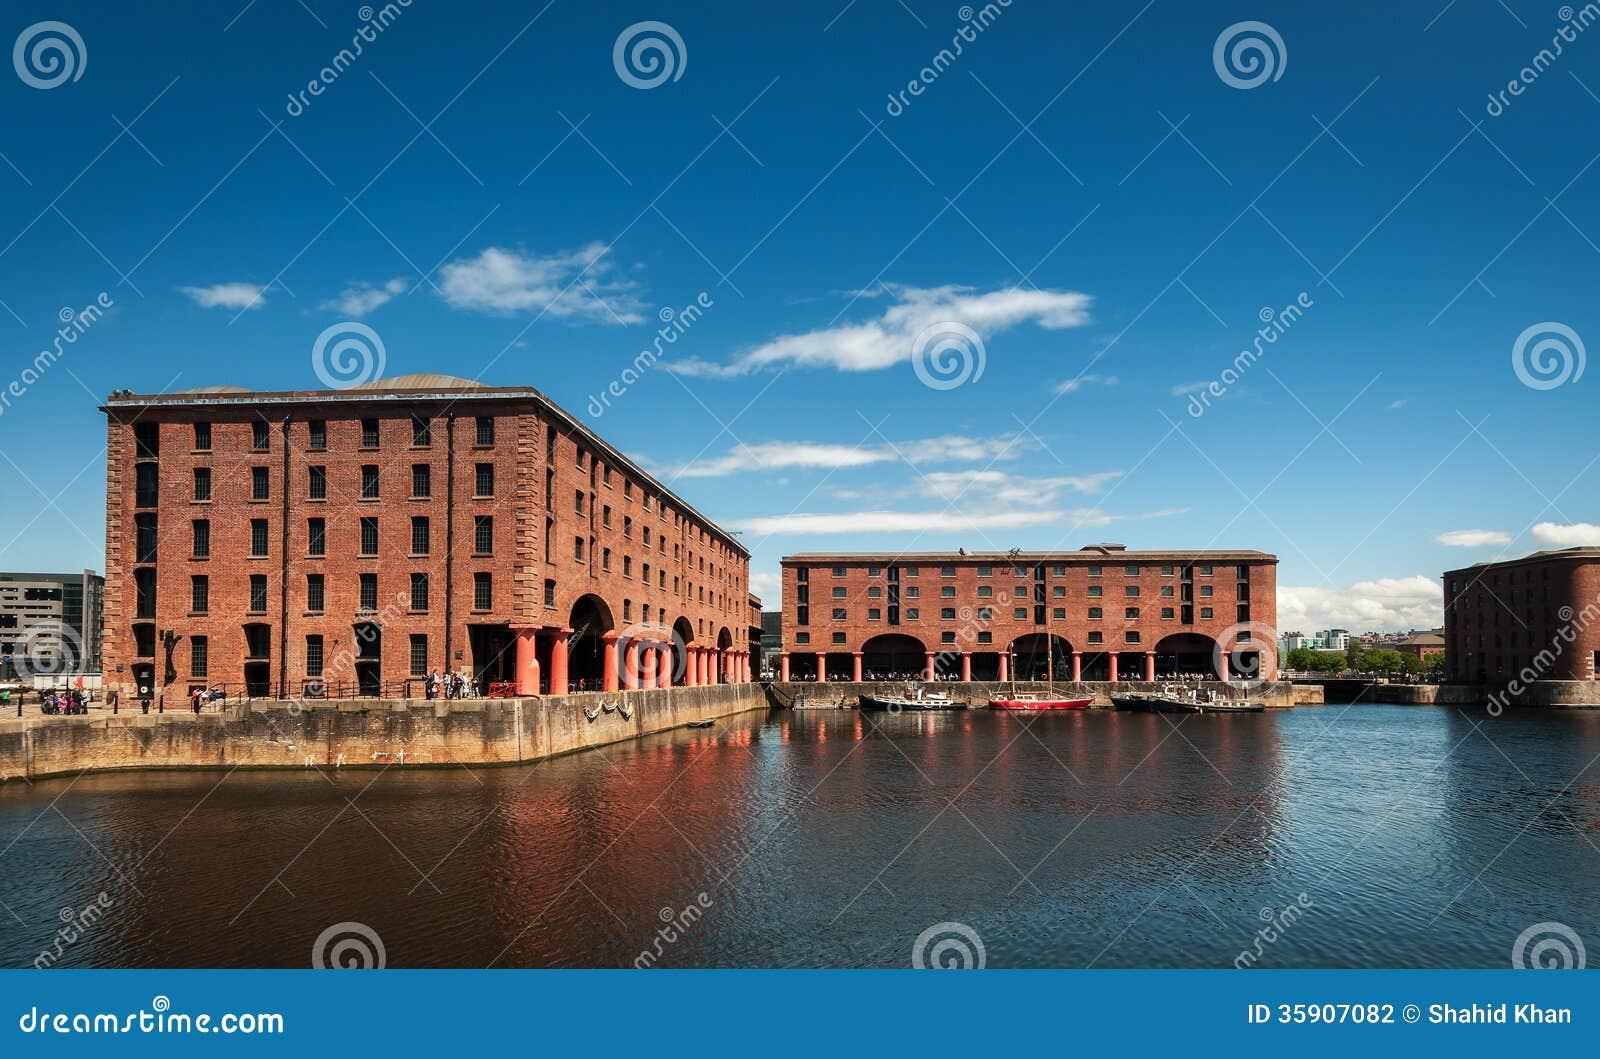 Download Albert Docks Liverpool stock photo. Image of dockside - 35907082